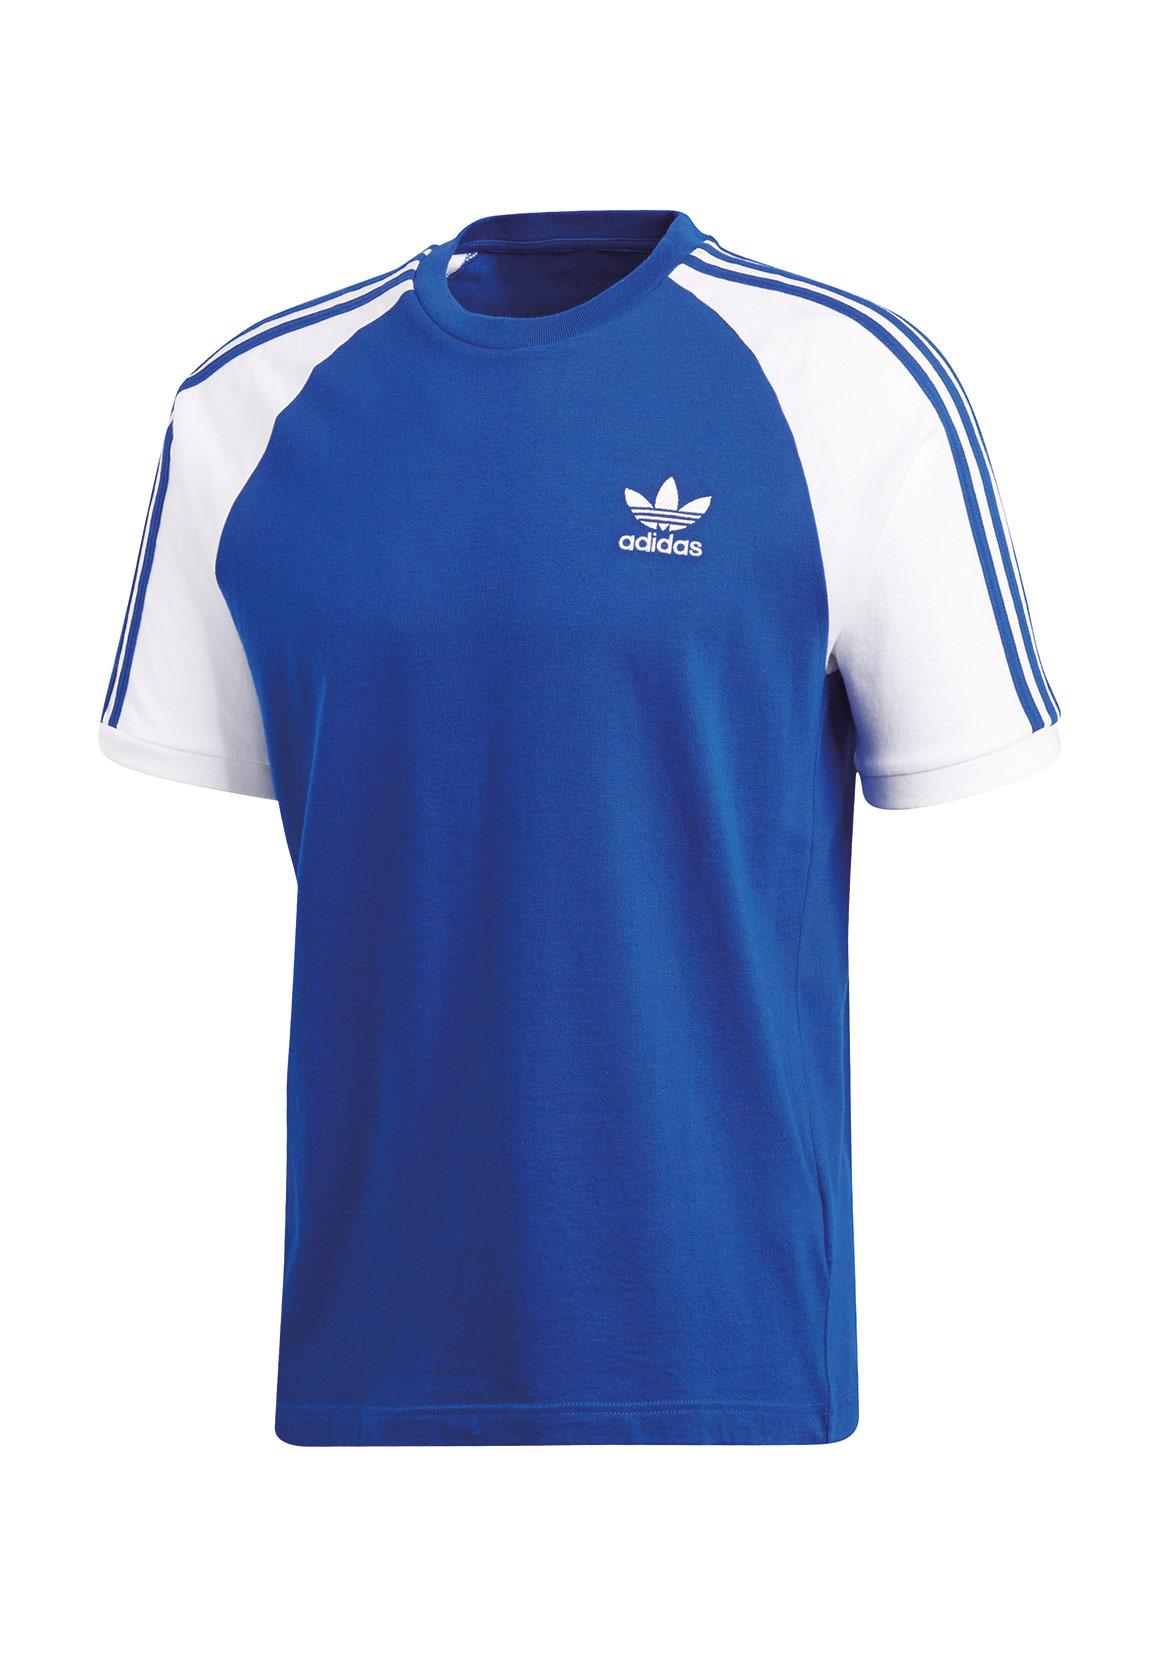 T Herren Originals Adidas Shirt Adidas Originals Herren wXOpFqpx